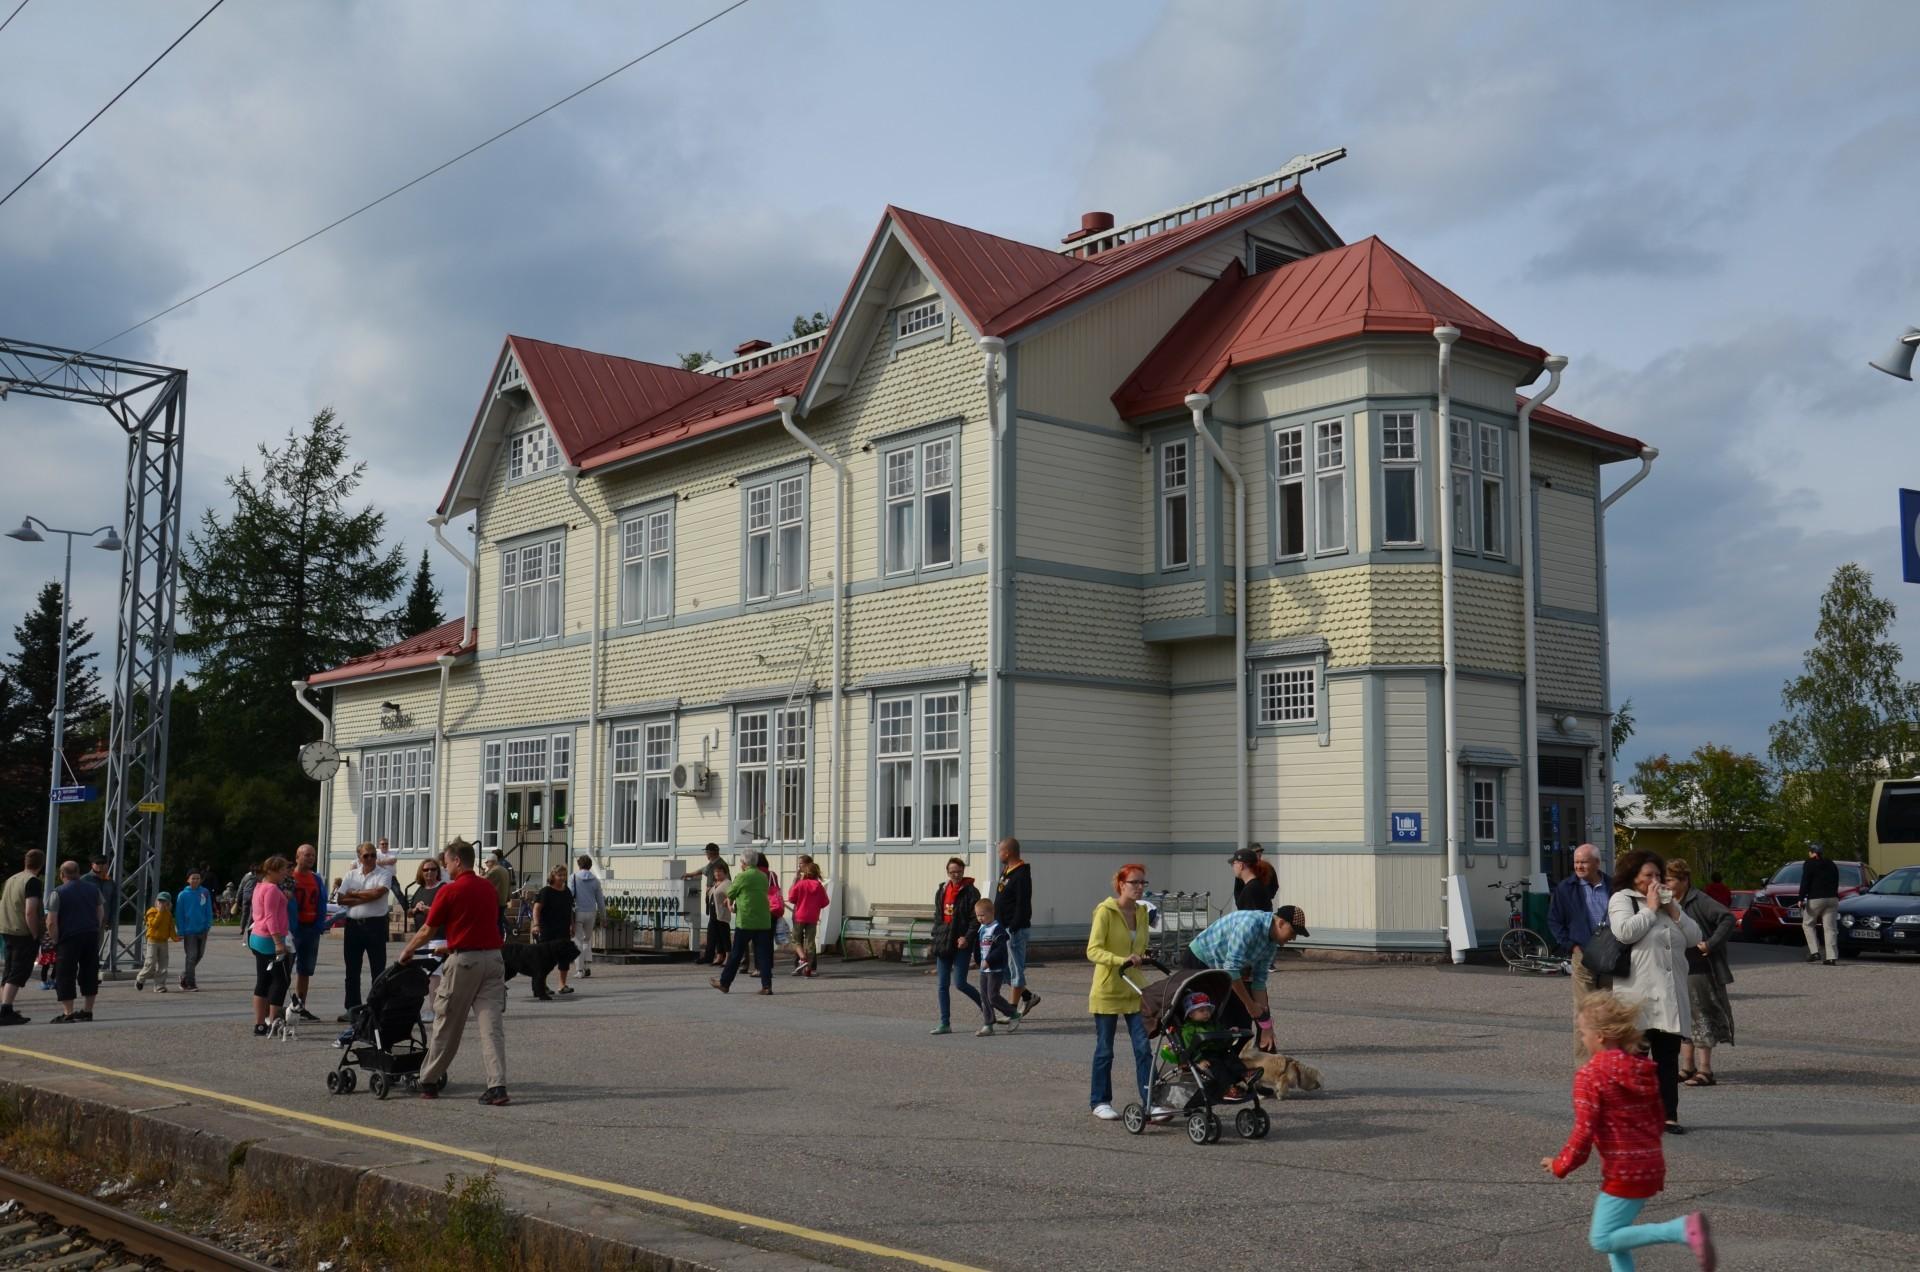 Kajaanin aseman on suunnitellut arkkitehti C. G. Nyström. Asema edustaa tyyppuhdasta nikkariarkkitehtuuria.